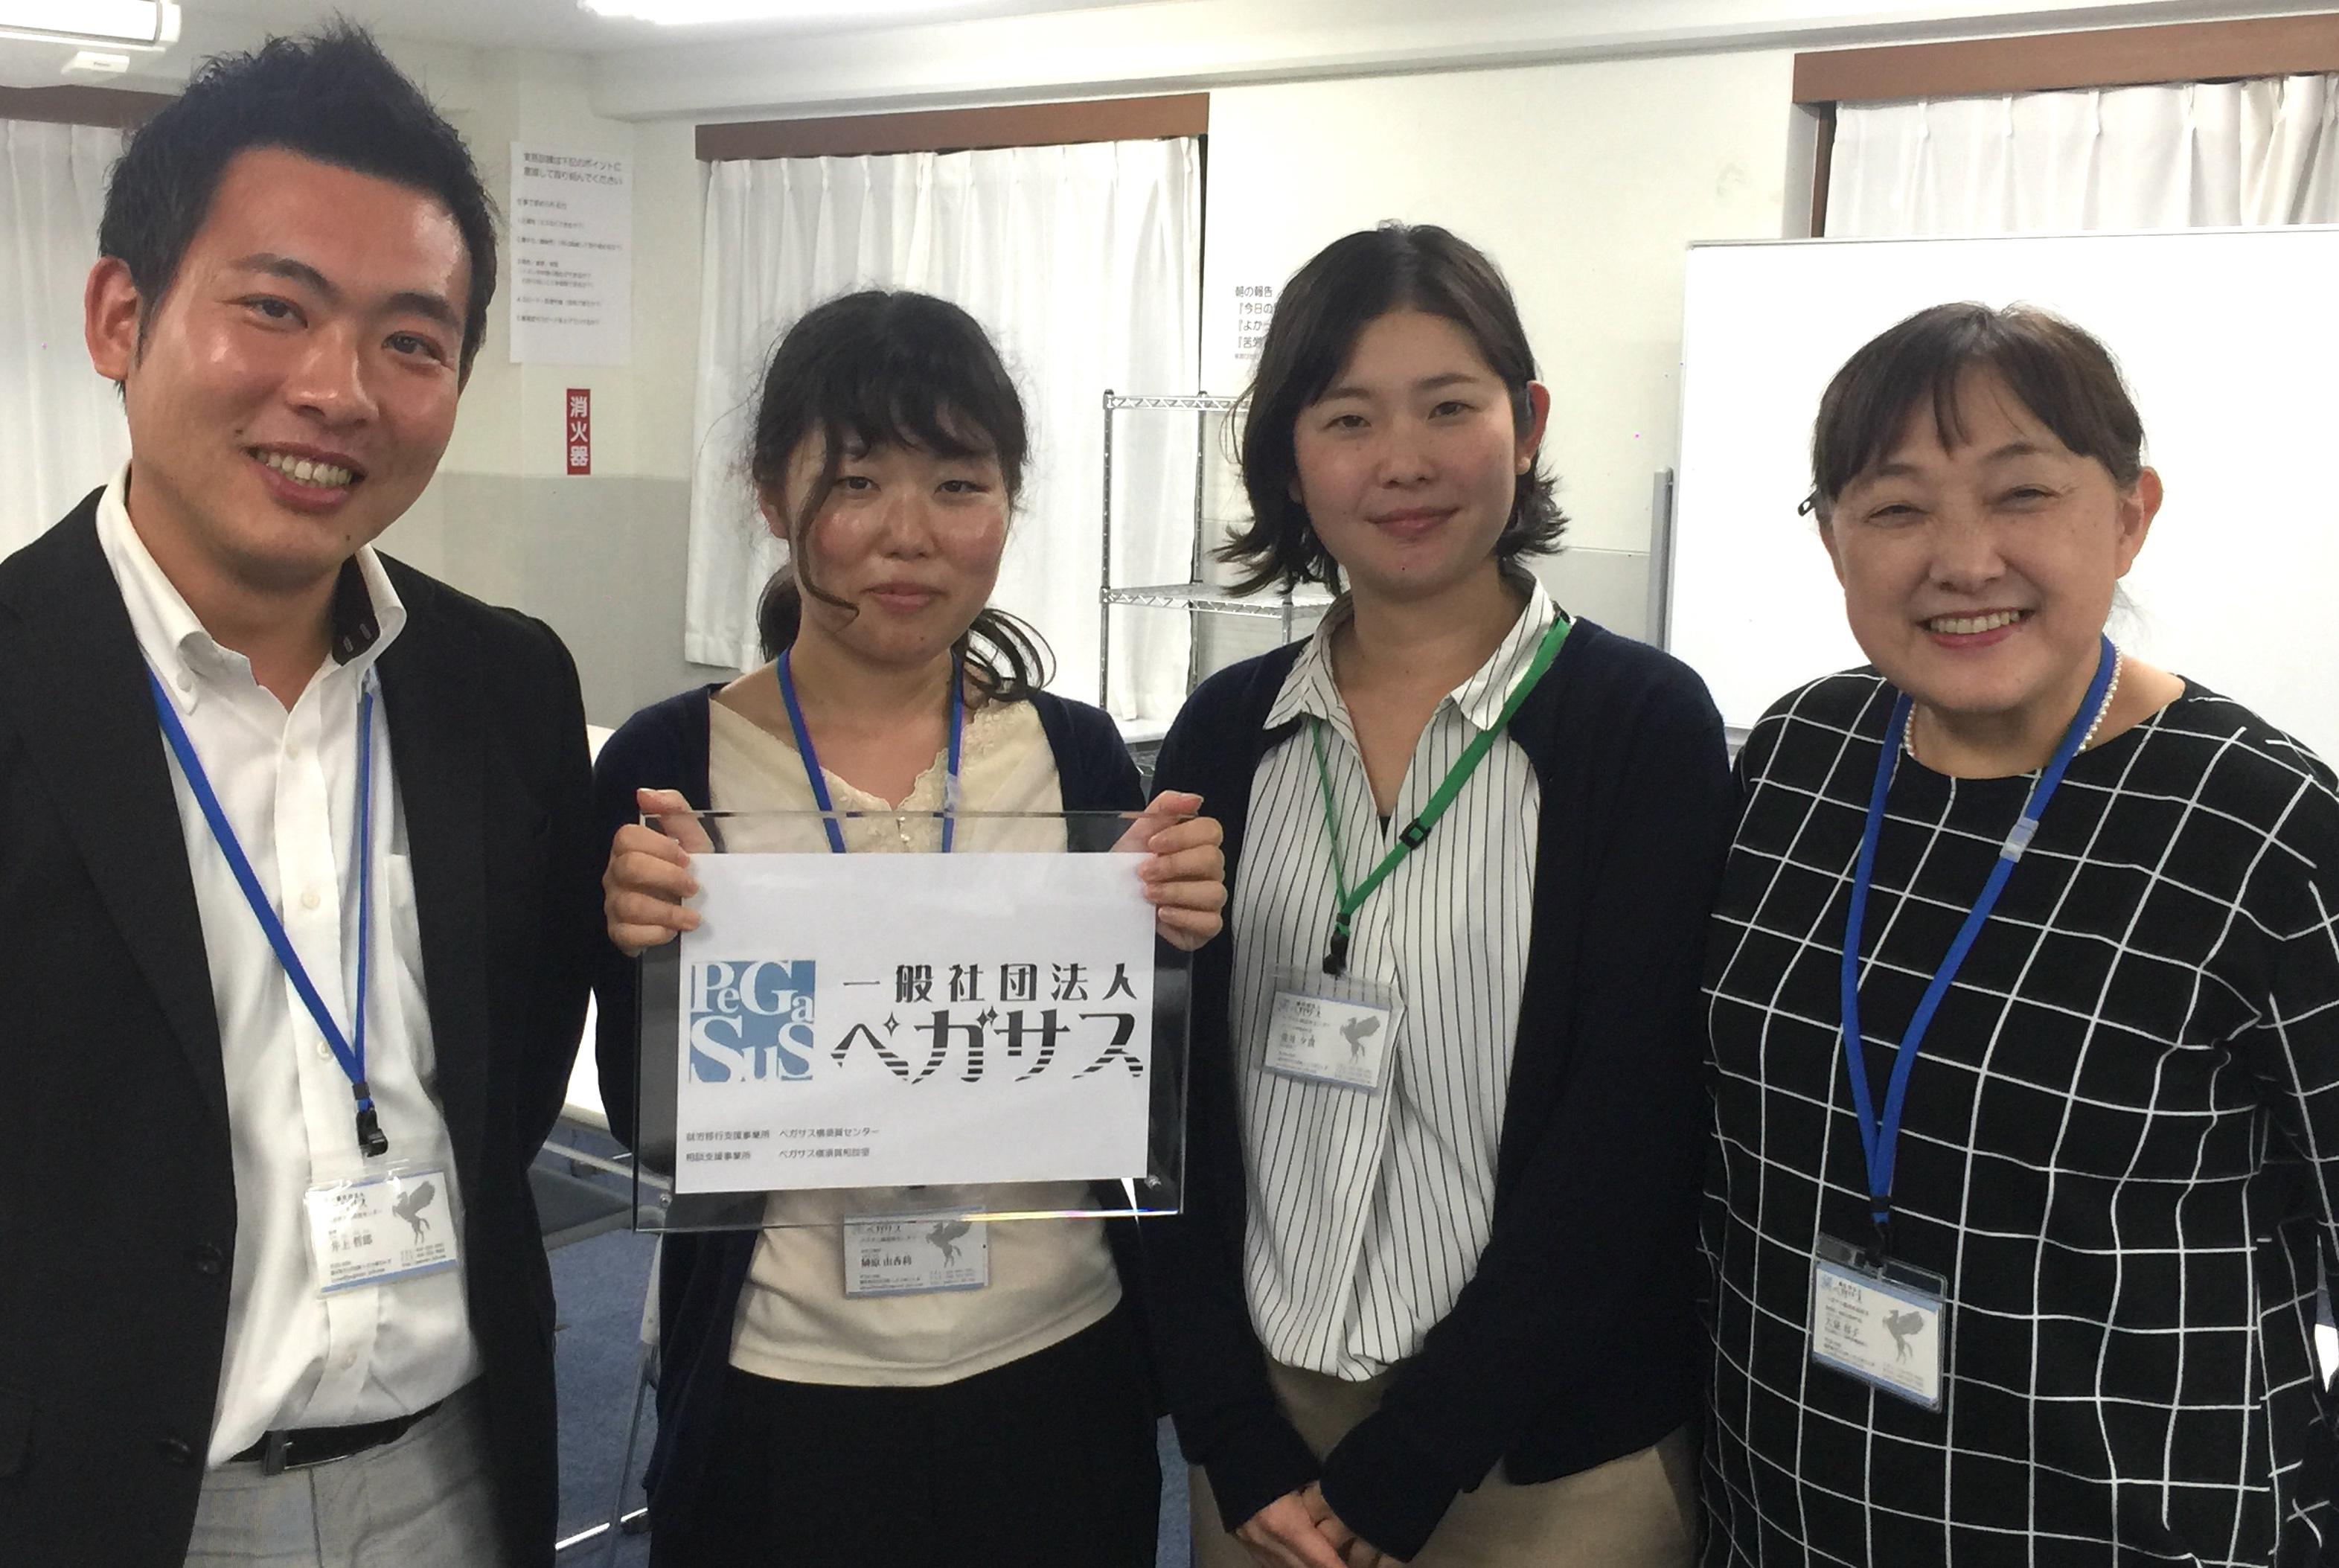 一般社団法人ペガサス 横須賀事業所のスタッフ